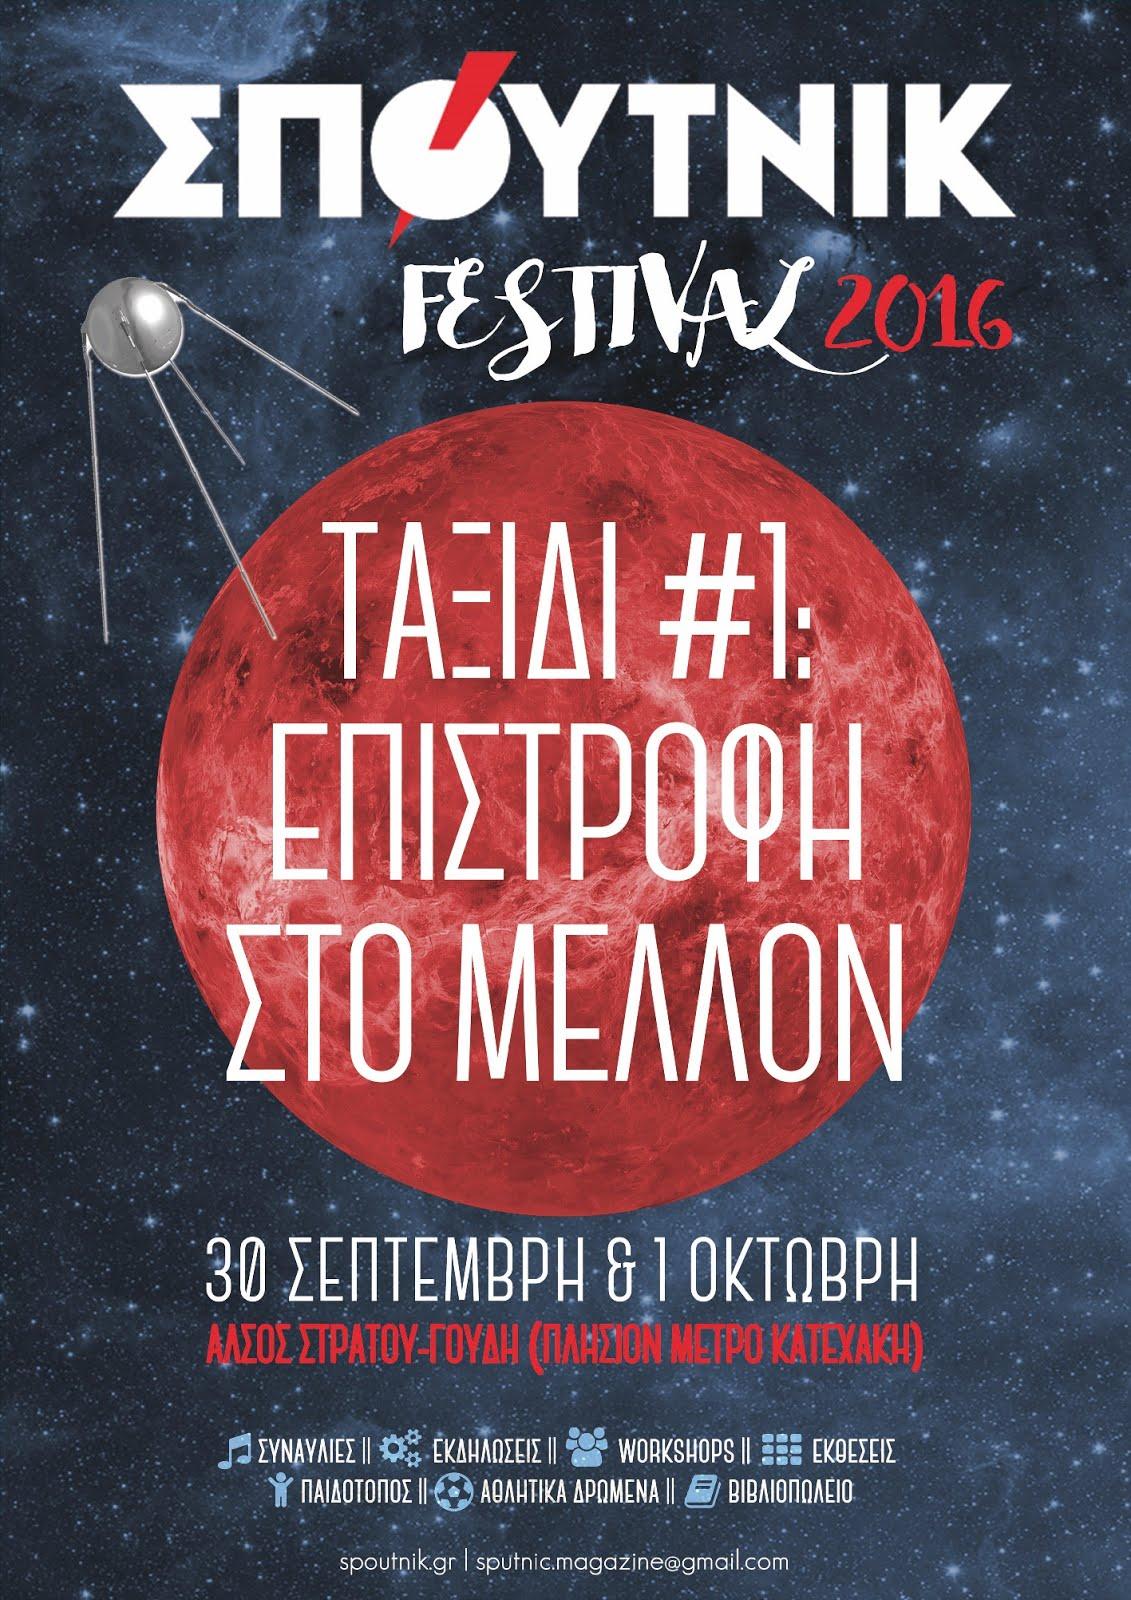 ΣΠΟΥΤΝΙΚ Festival 2016, «Ταξίδι #1: Επιστροφή στο Mέλλον»